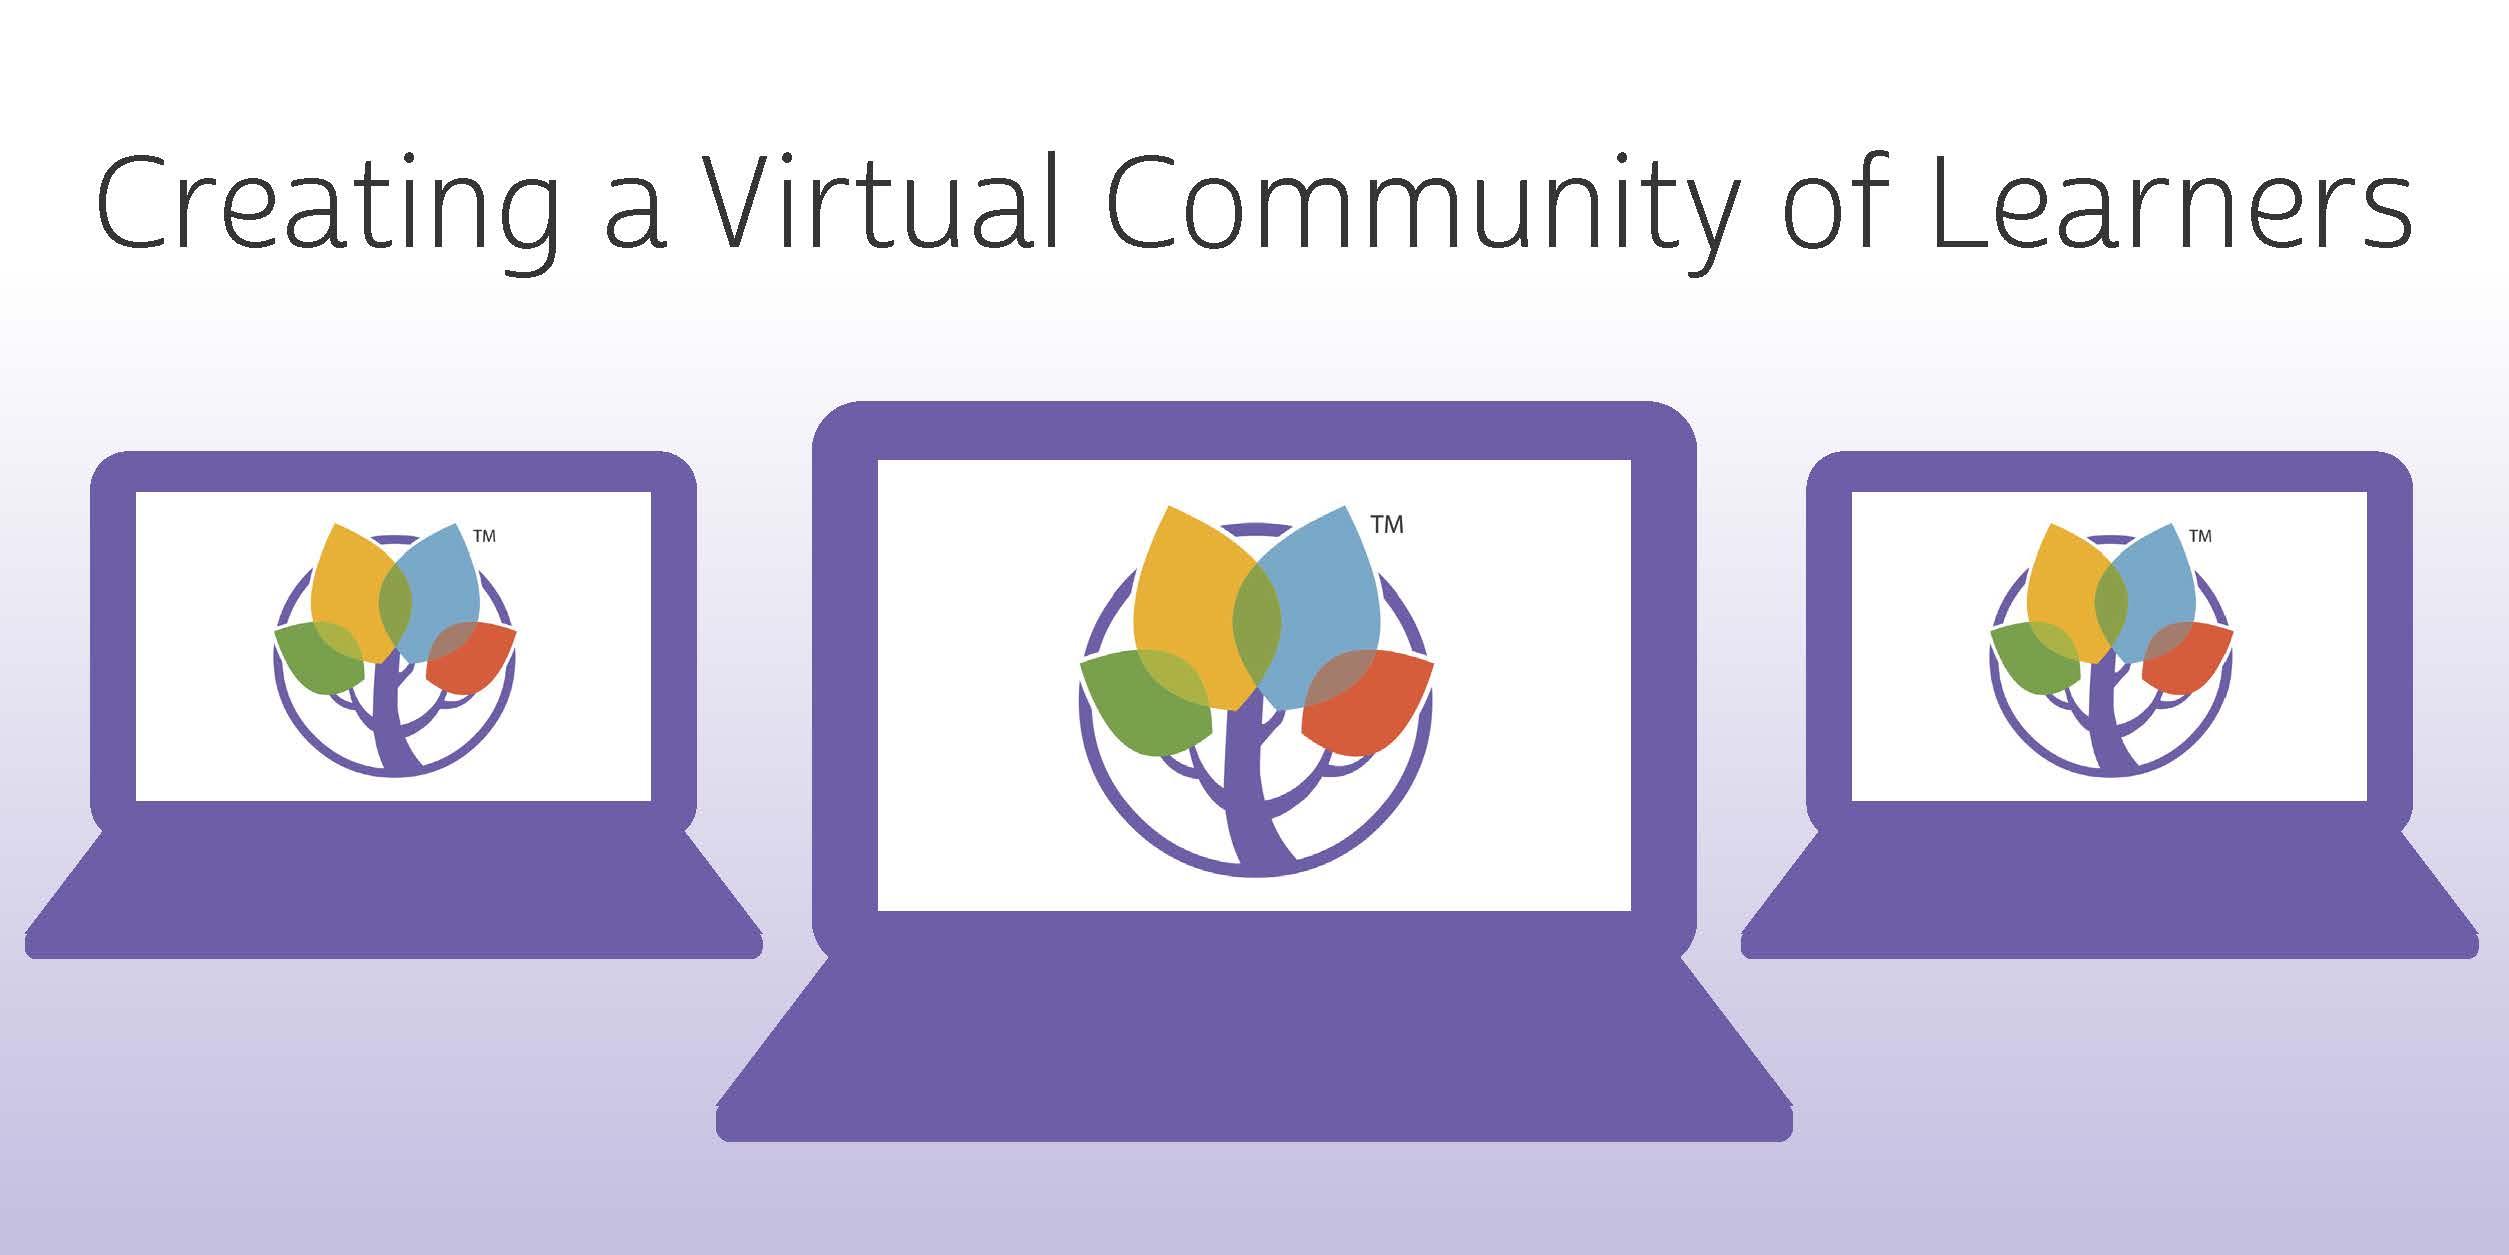 VirtualCommunityBlogGraphic